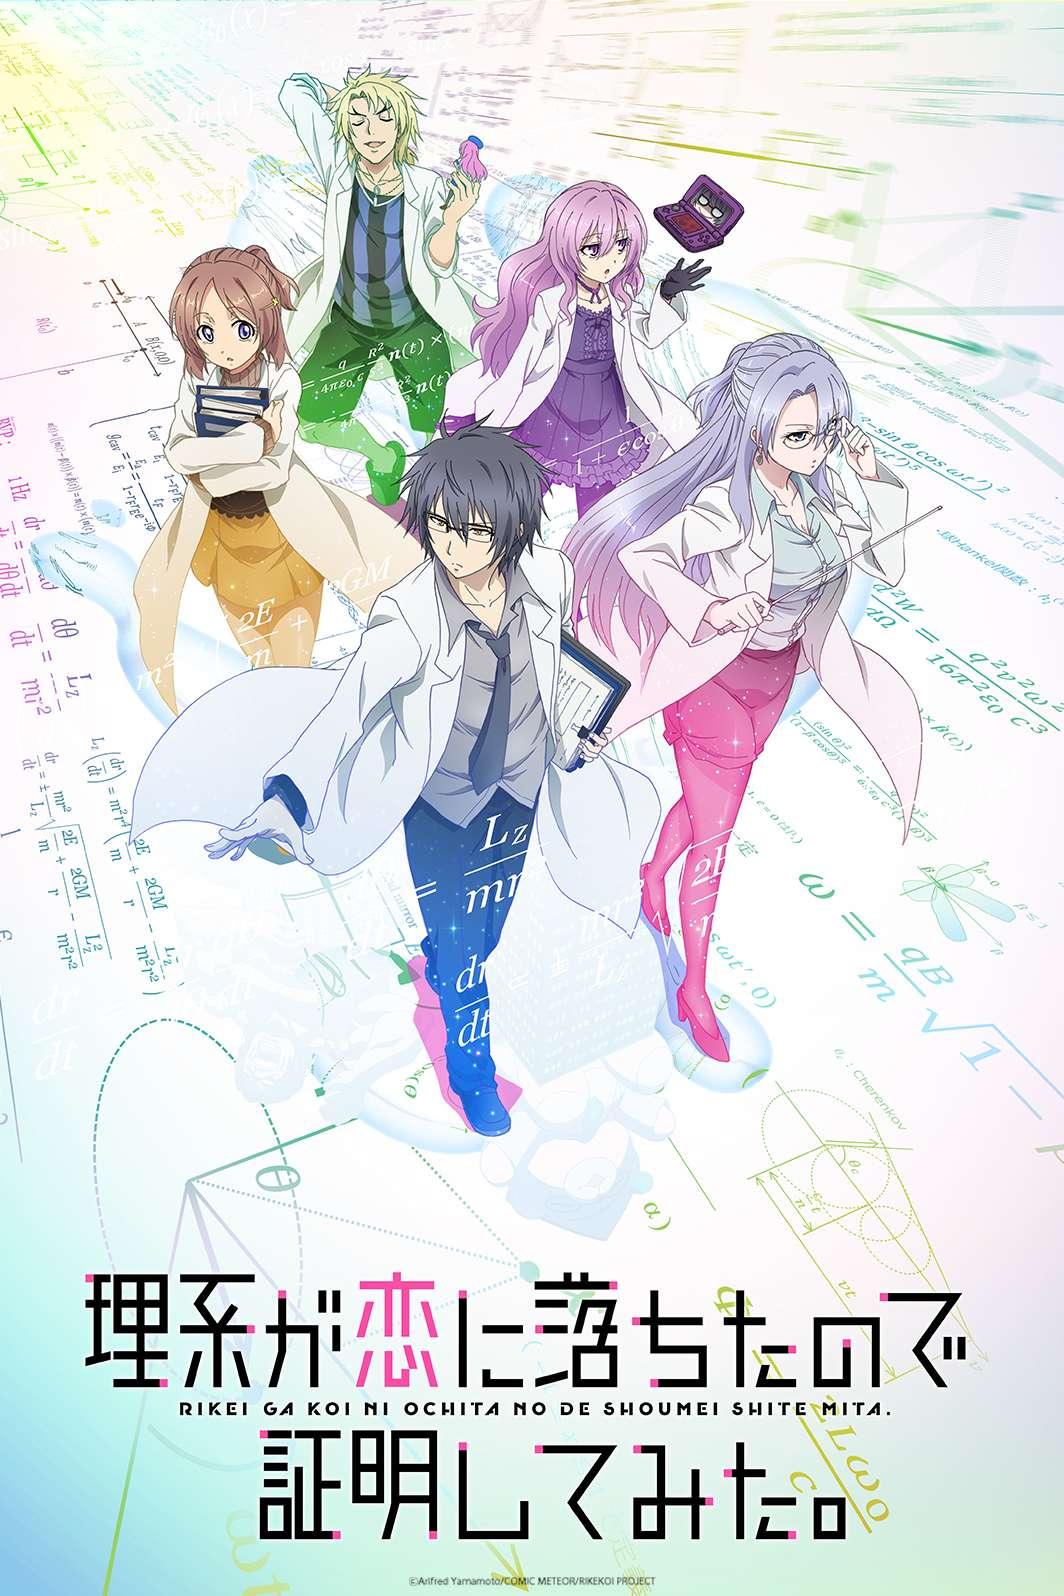 Poster of Rikei ga Koi ni Ochita no de Shoumei shitemita.